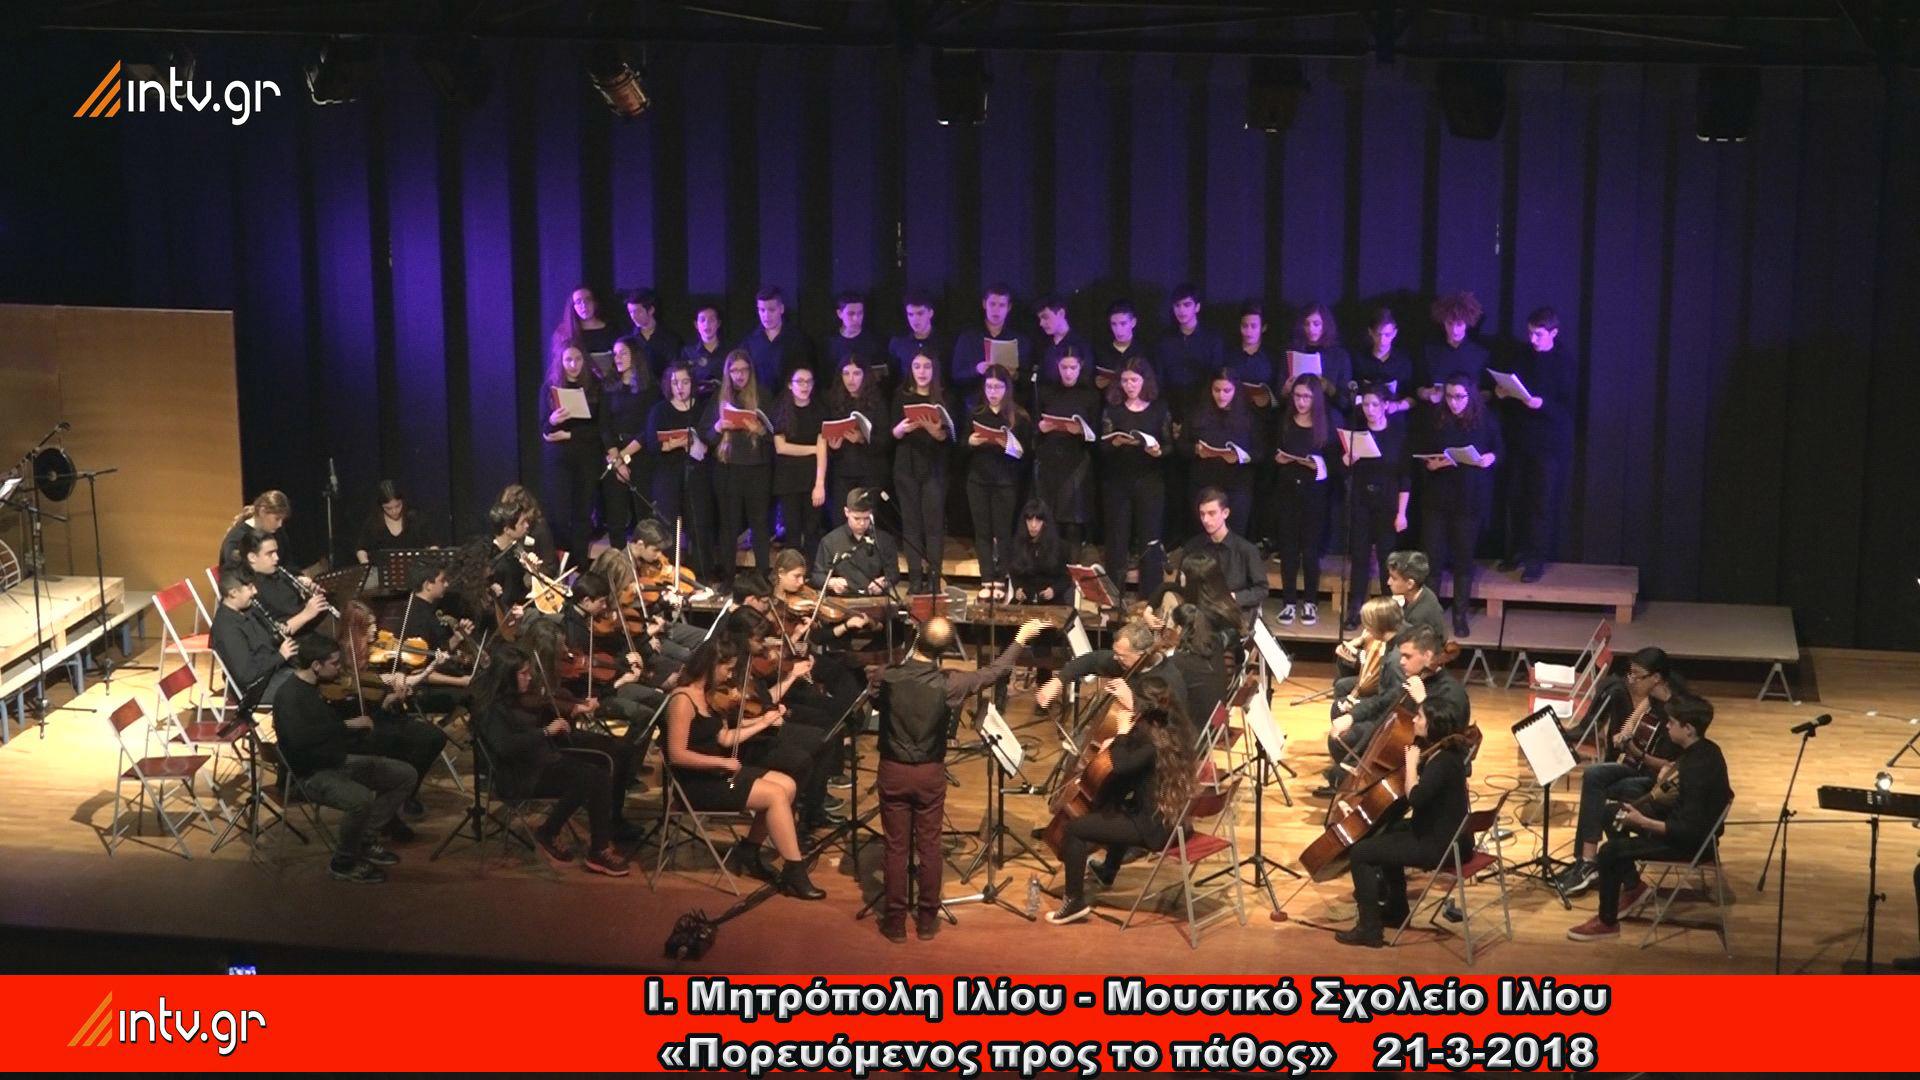 Ι. Μητρόπολη Ιλίου - Μουσικό Σχολείο Ιλίου «Πορευόμενος προς το πάθος» 2018